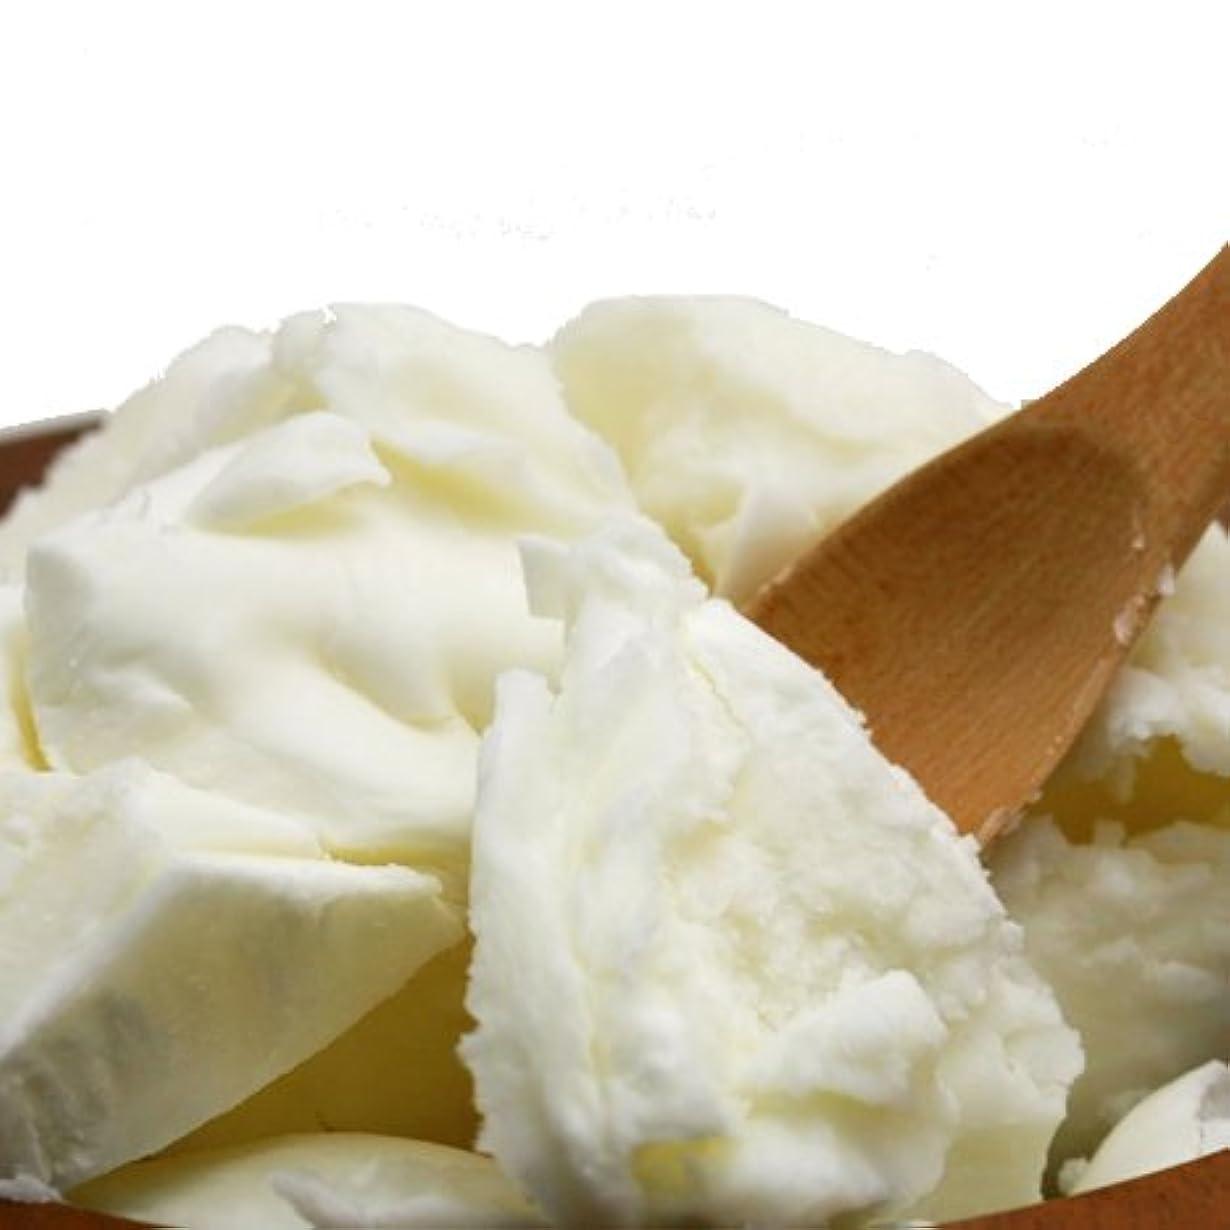 参照する信頼できる分布オーガニック 精製シアバター 100g シア脂 【手作り石鹸/手作りコスメ/手作り化粧品】